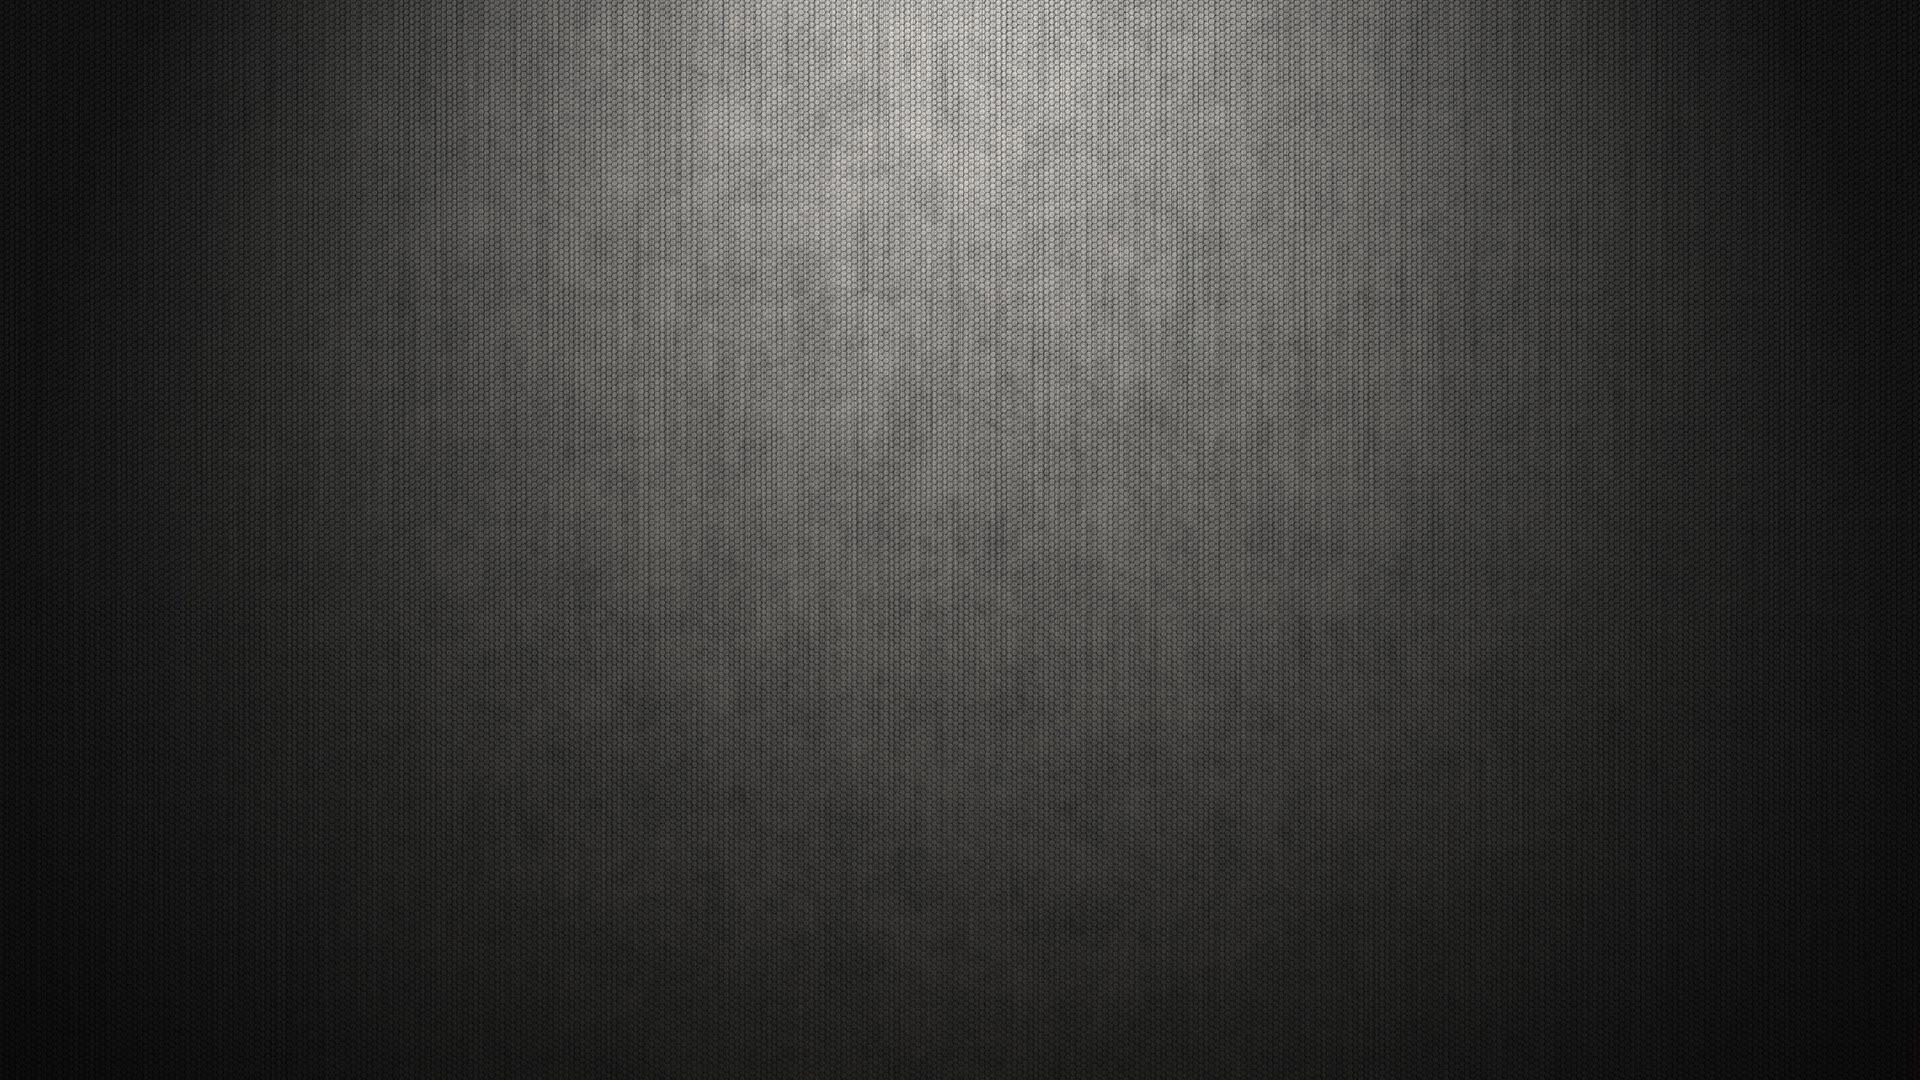 black minimalism texture pattern